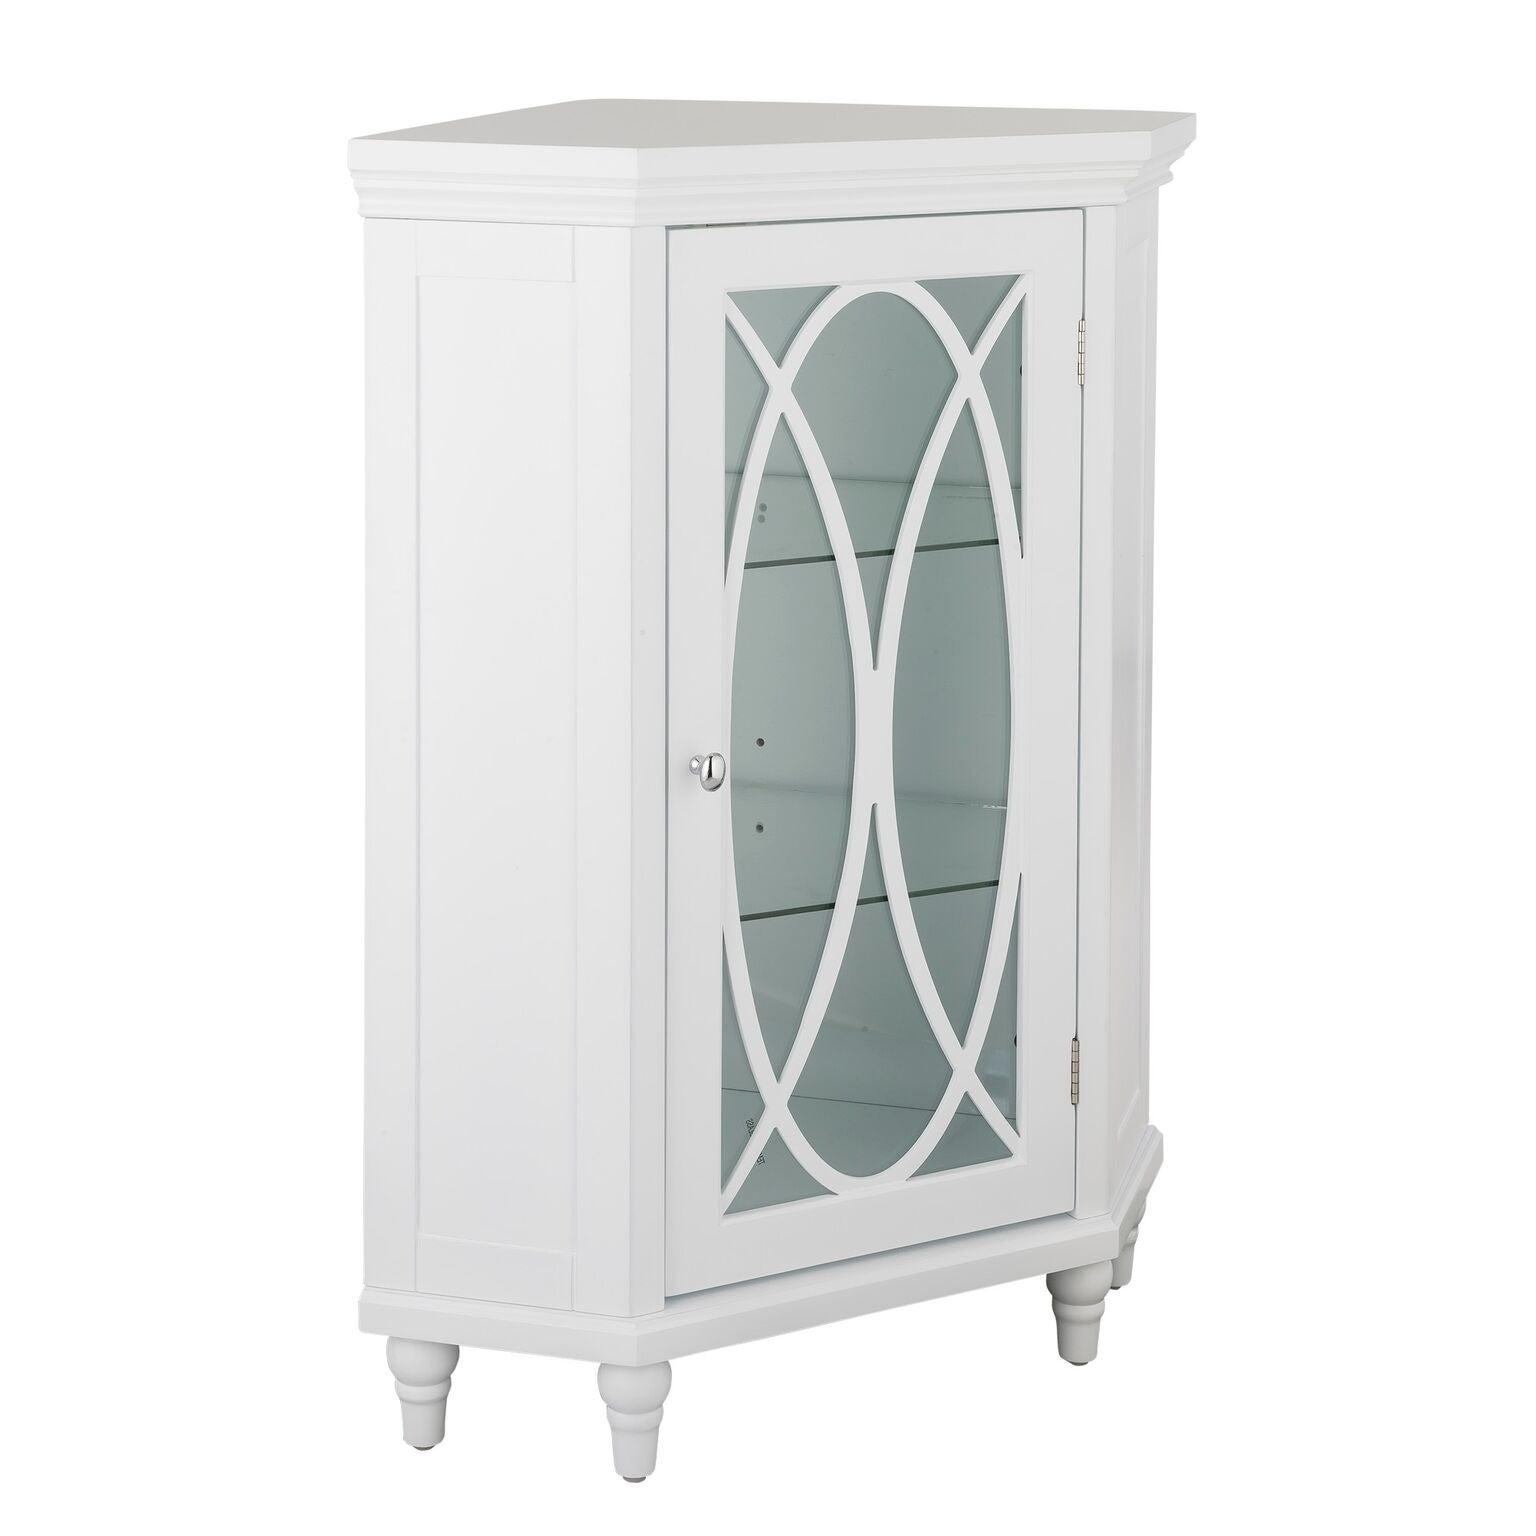 32 H Lynne Corner Floor Cabinet With 2 Adjustable Tempered Glass Shelves On Sale Overstock 18702757